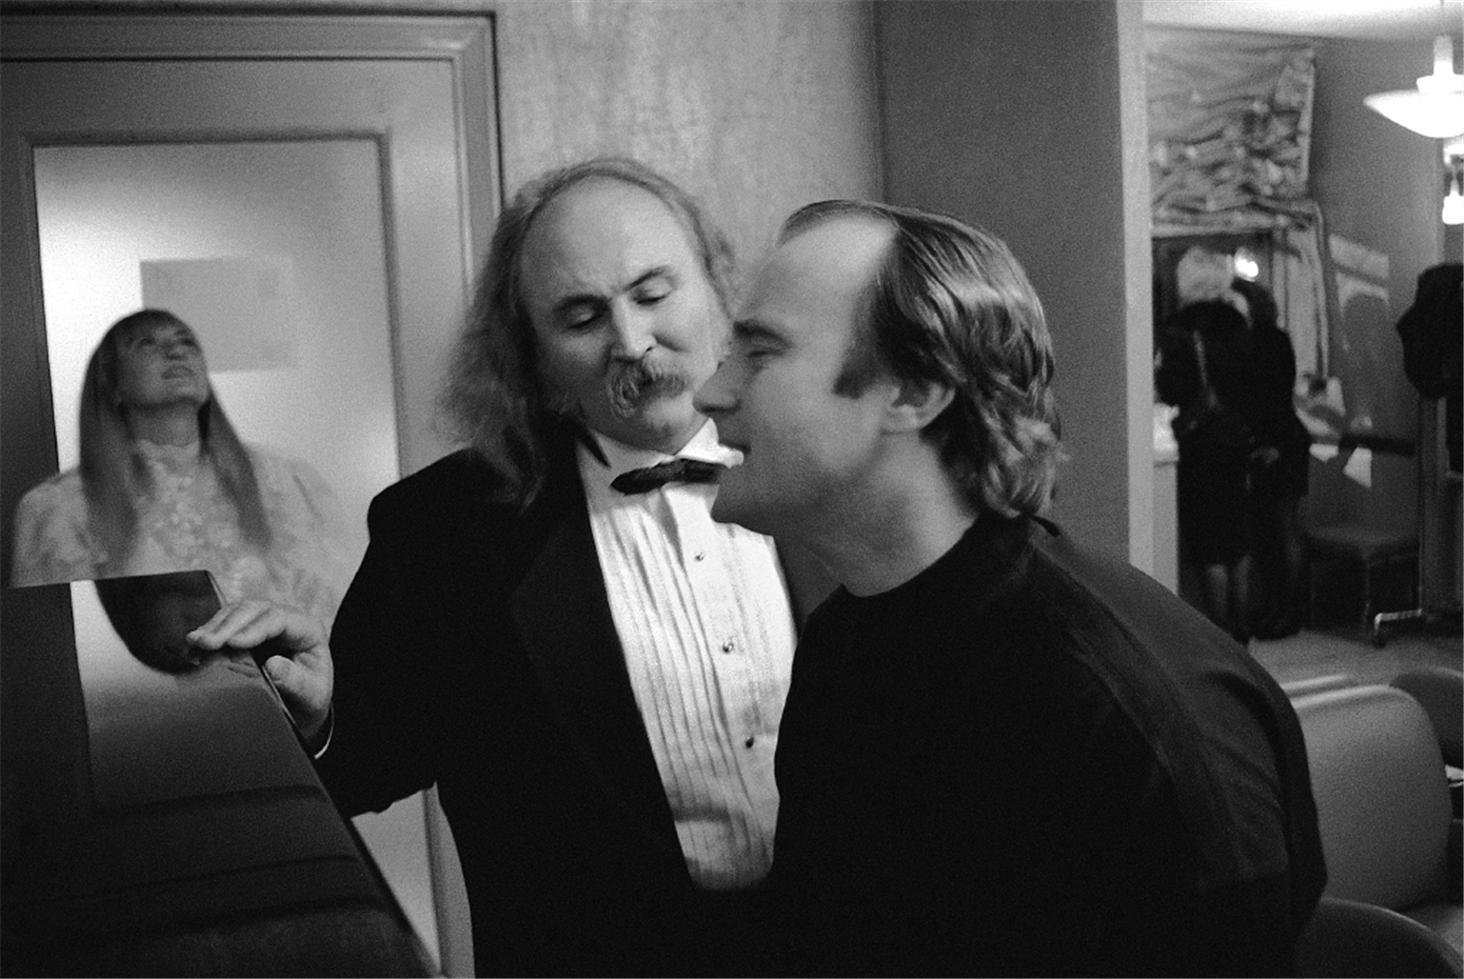 1989. Дэвид Кросби и Фил Коллинз